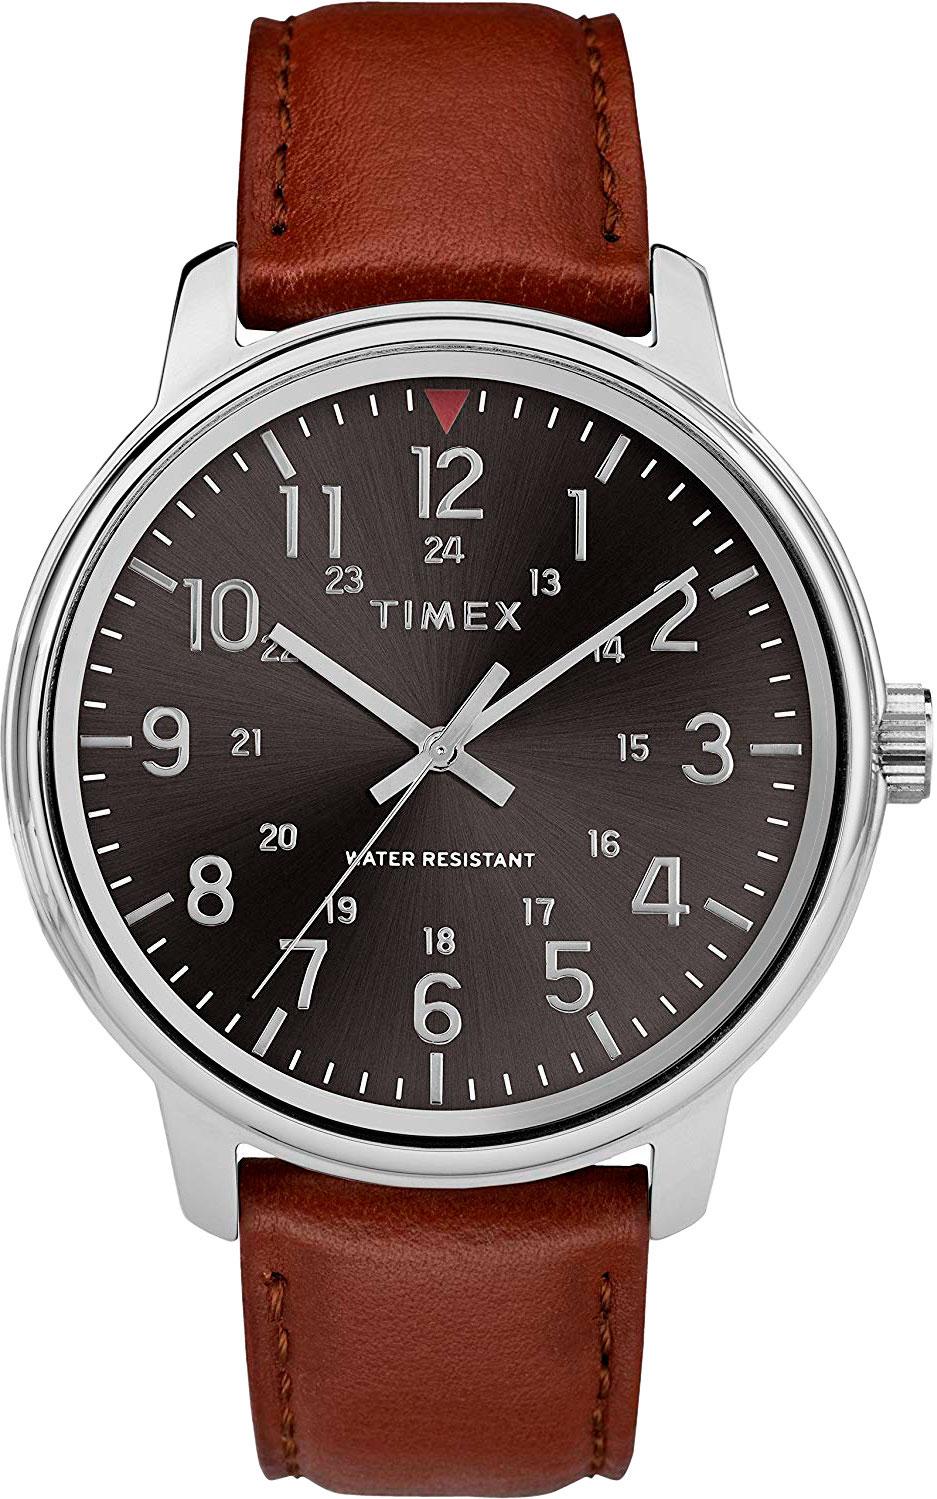 Мужские часы Timex TW2R85700RY все цены